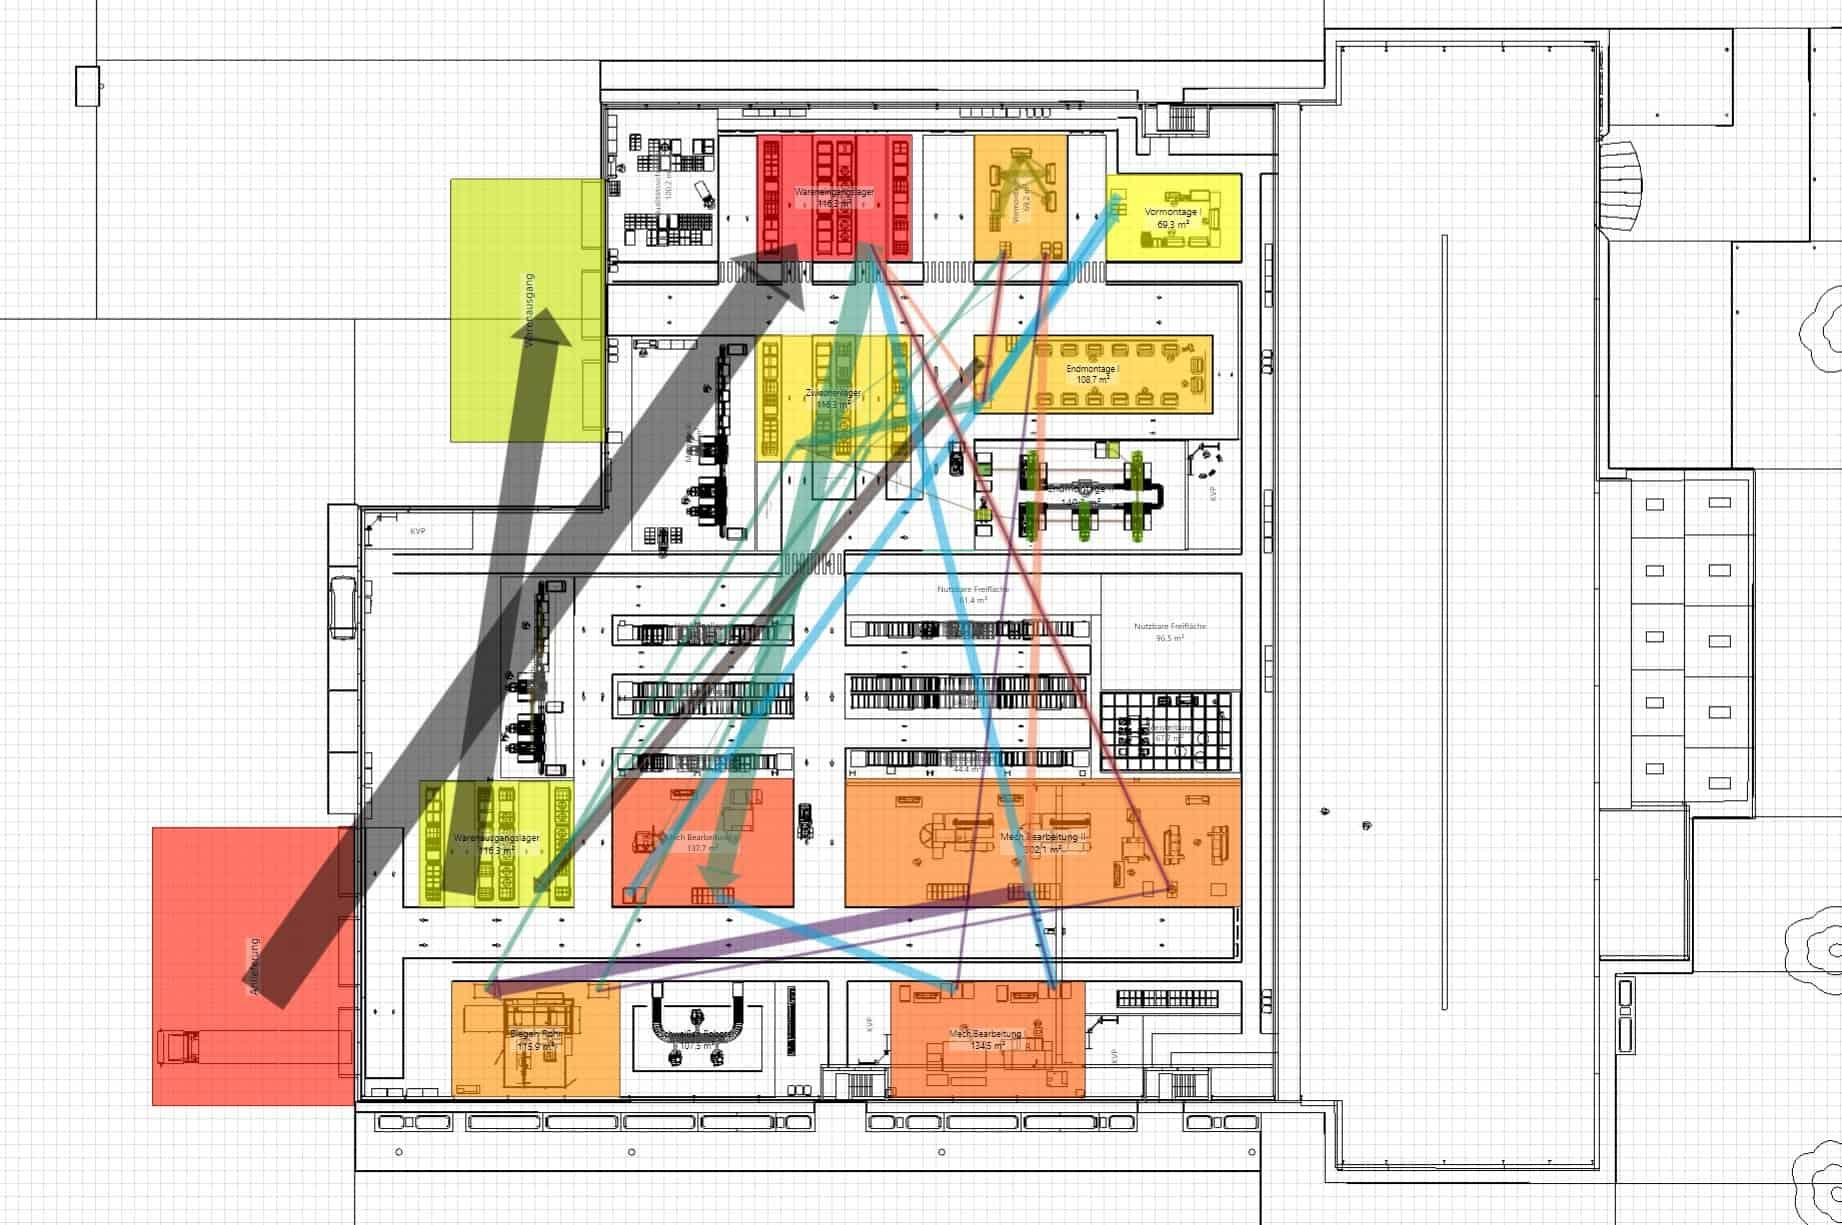 Die Darstellung zeigt die Verknüpfung von CAD-Grundriss und Werströmen (Materialflüssen)